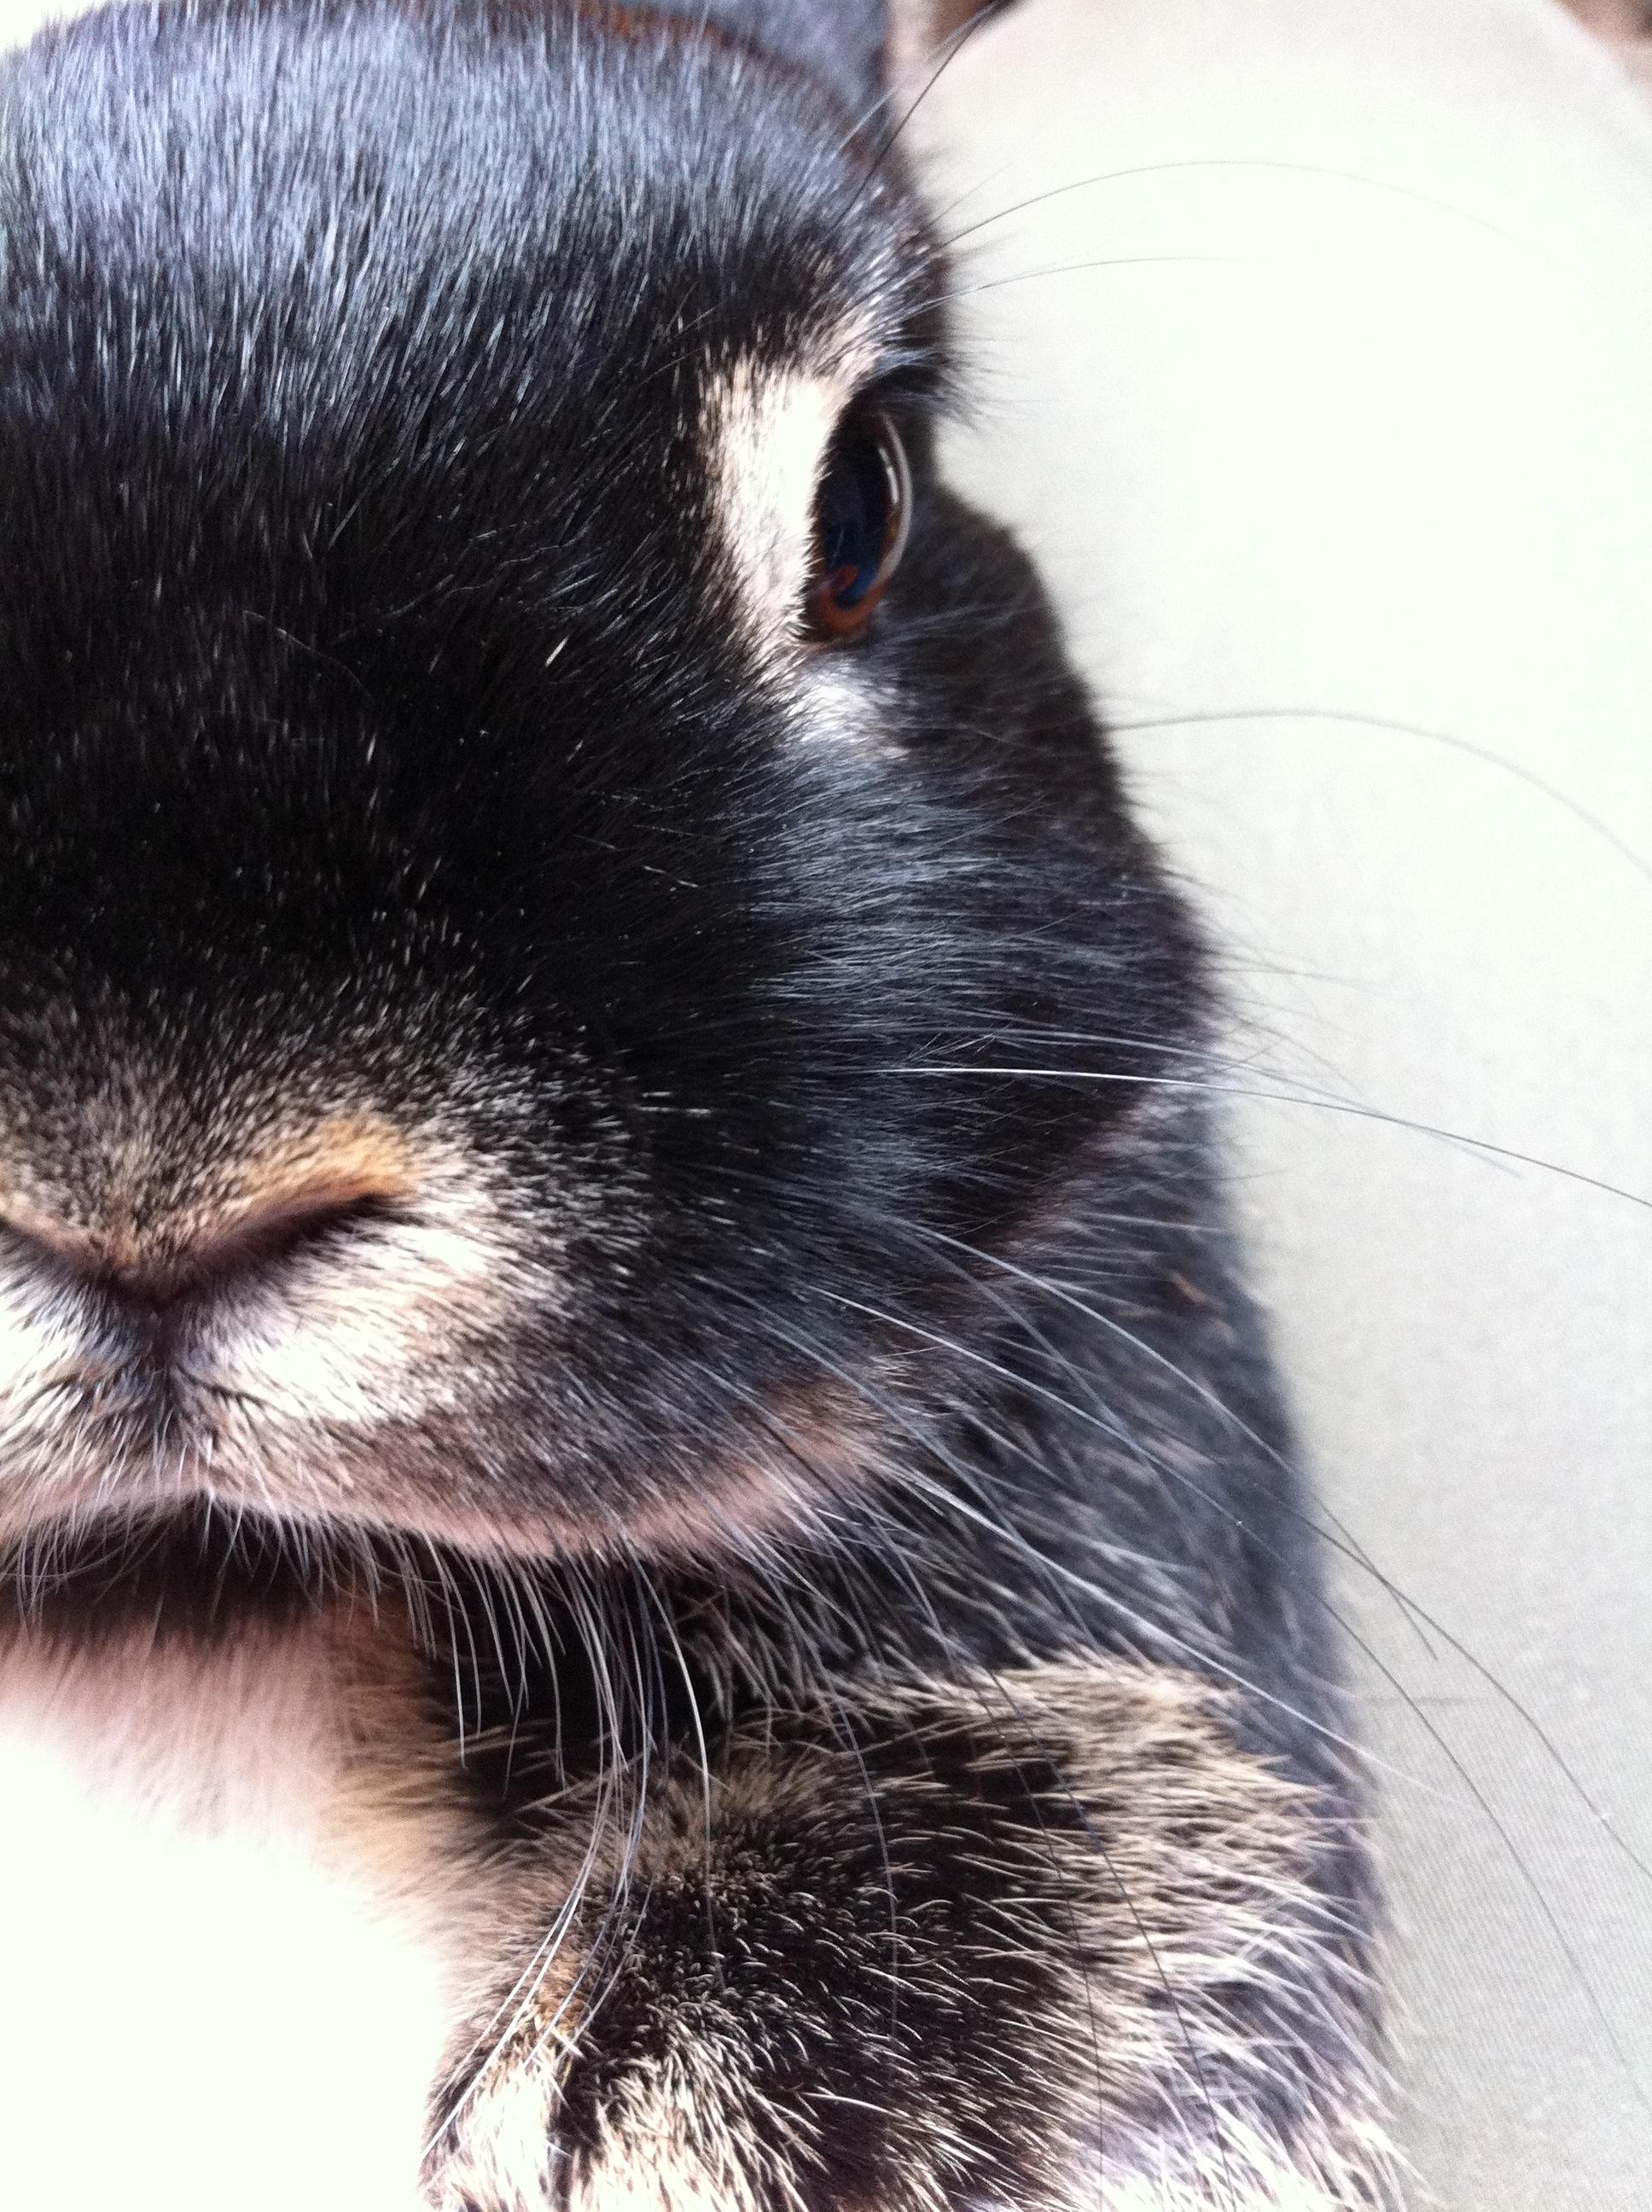 Bunny's Close-Up Portrait